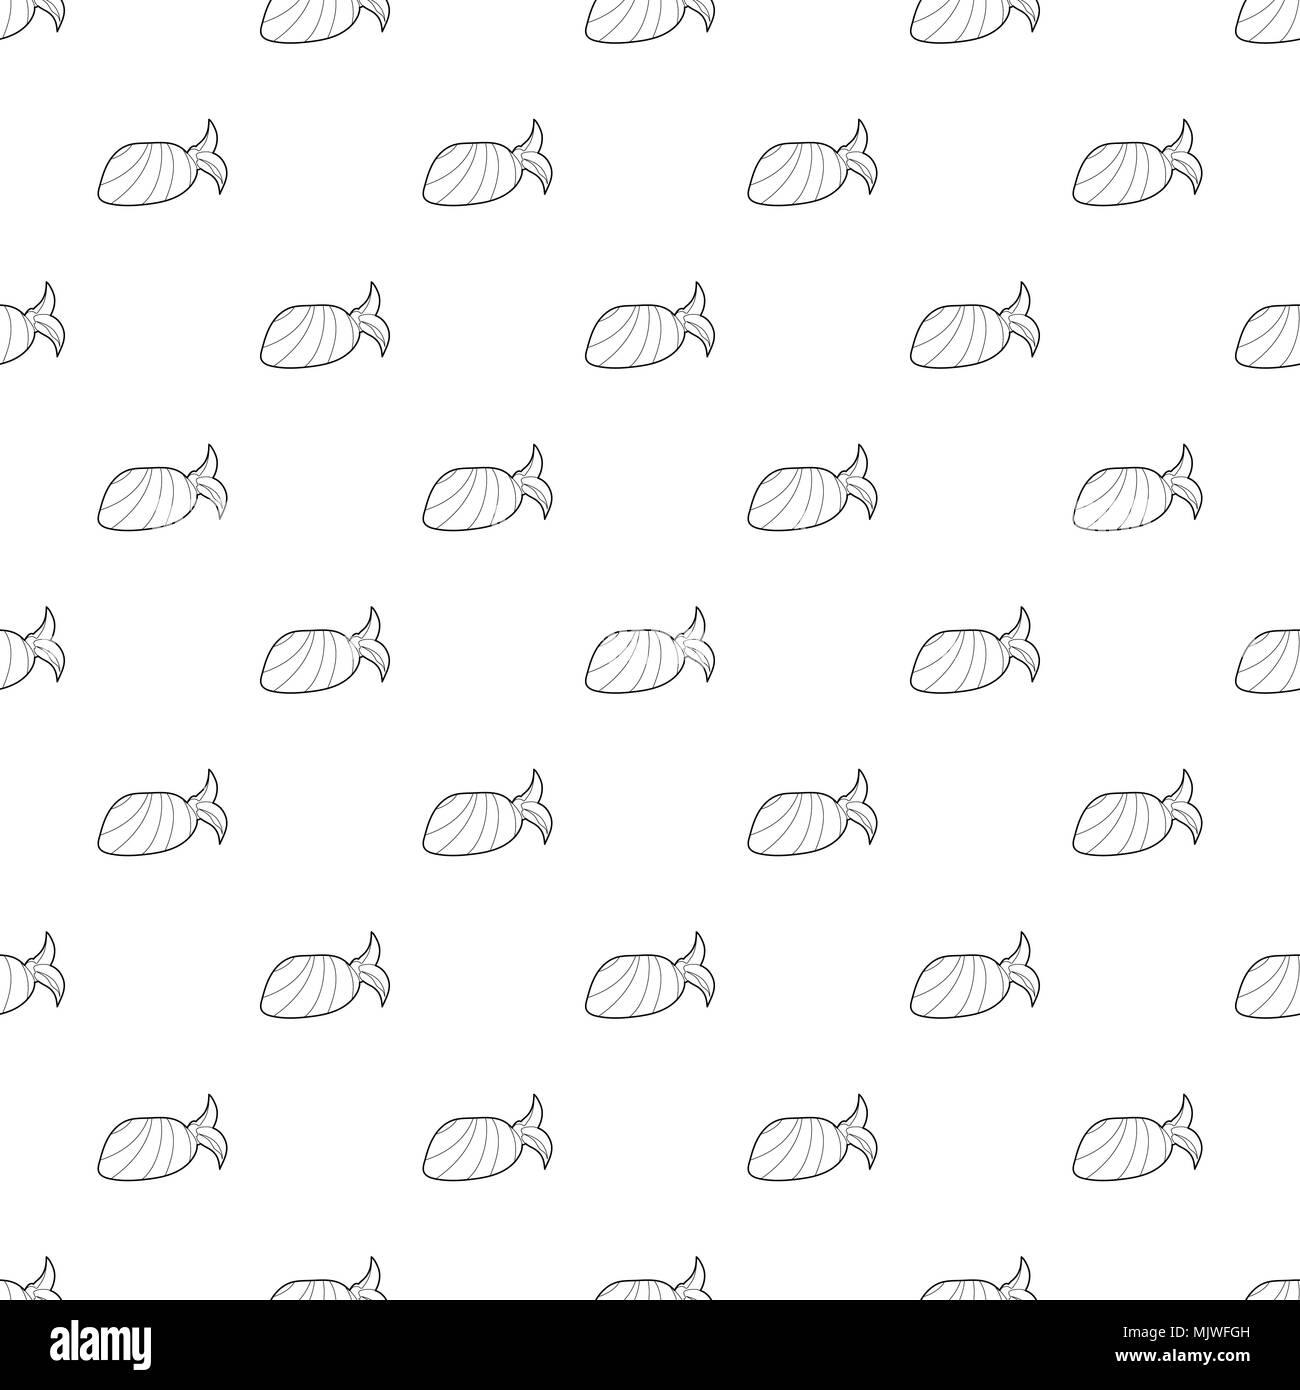 Bandana pattern vector seamless - Stock Image